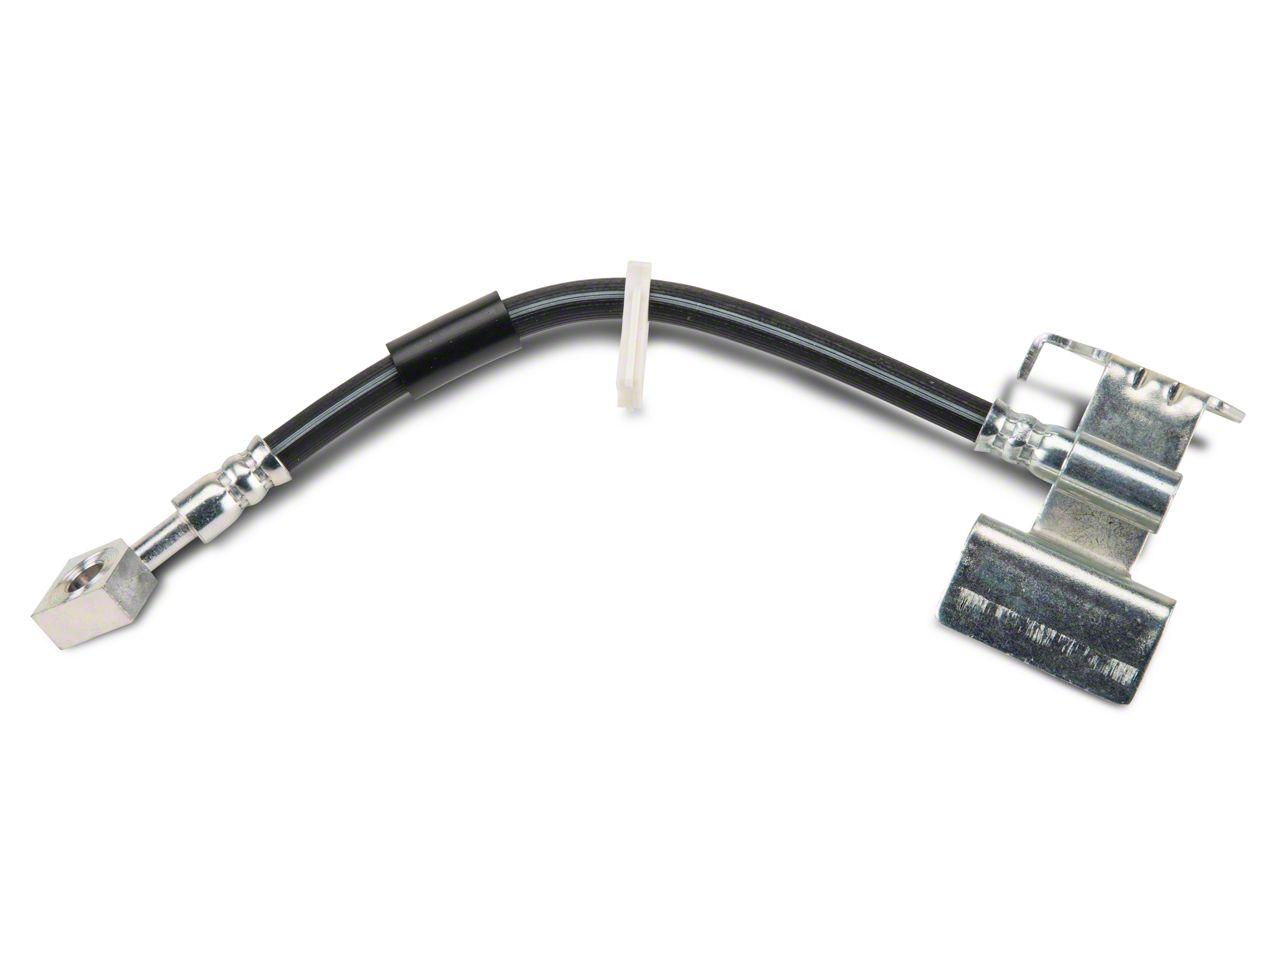 OPR Brake Hose - Rear Right (05-09 w/ 4-Wheel ABS; 10-14 All)